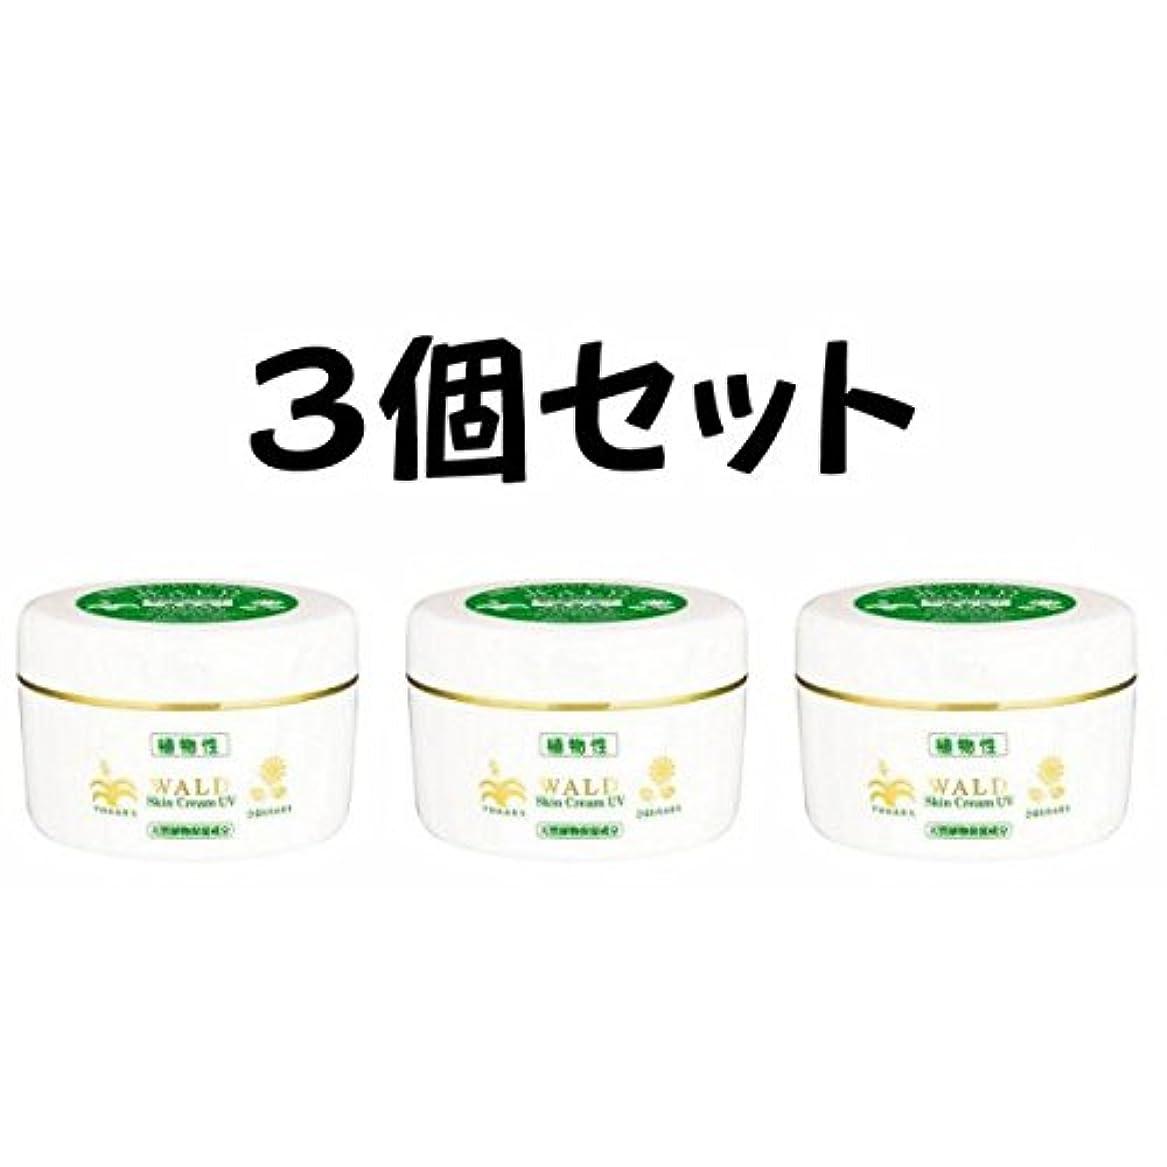 期限切れ相対的ダイエット新 ヴァルトスキンクリーム UV (WALD Skin Cream UV) 220g (3)